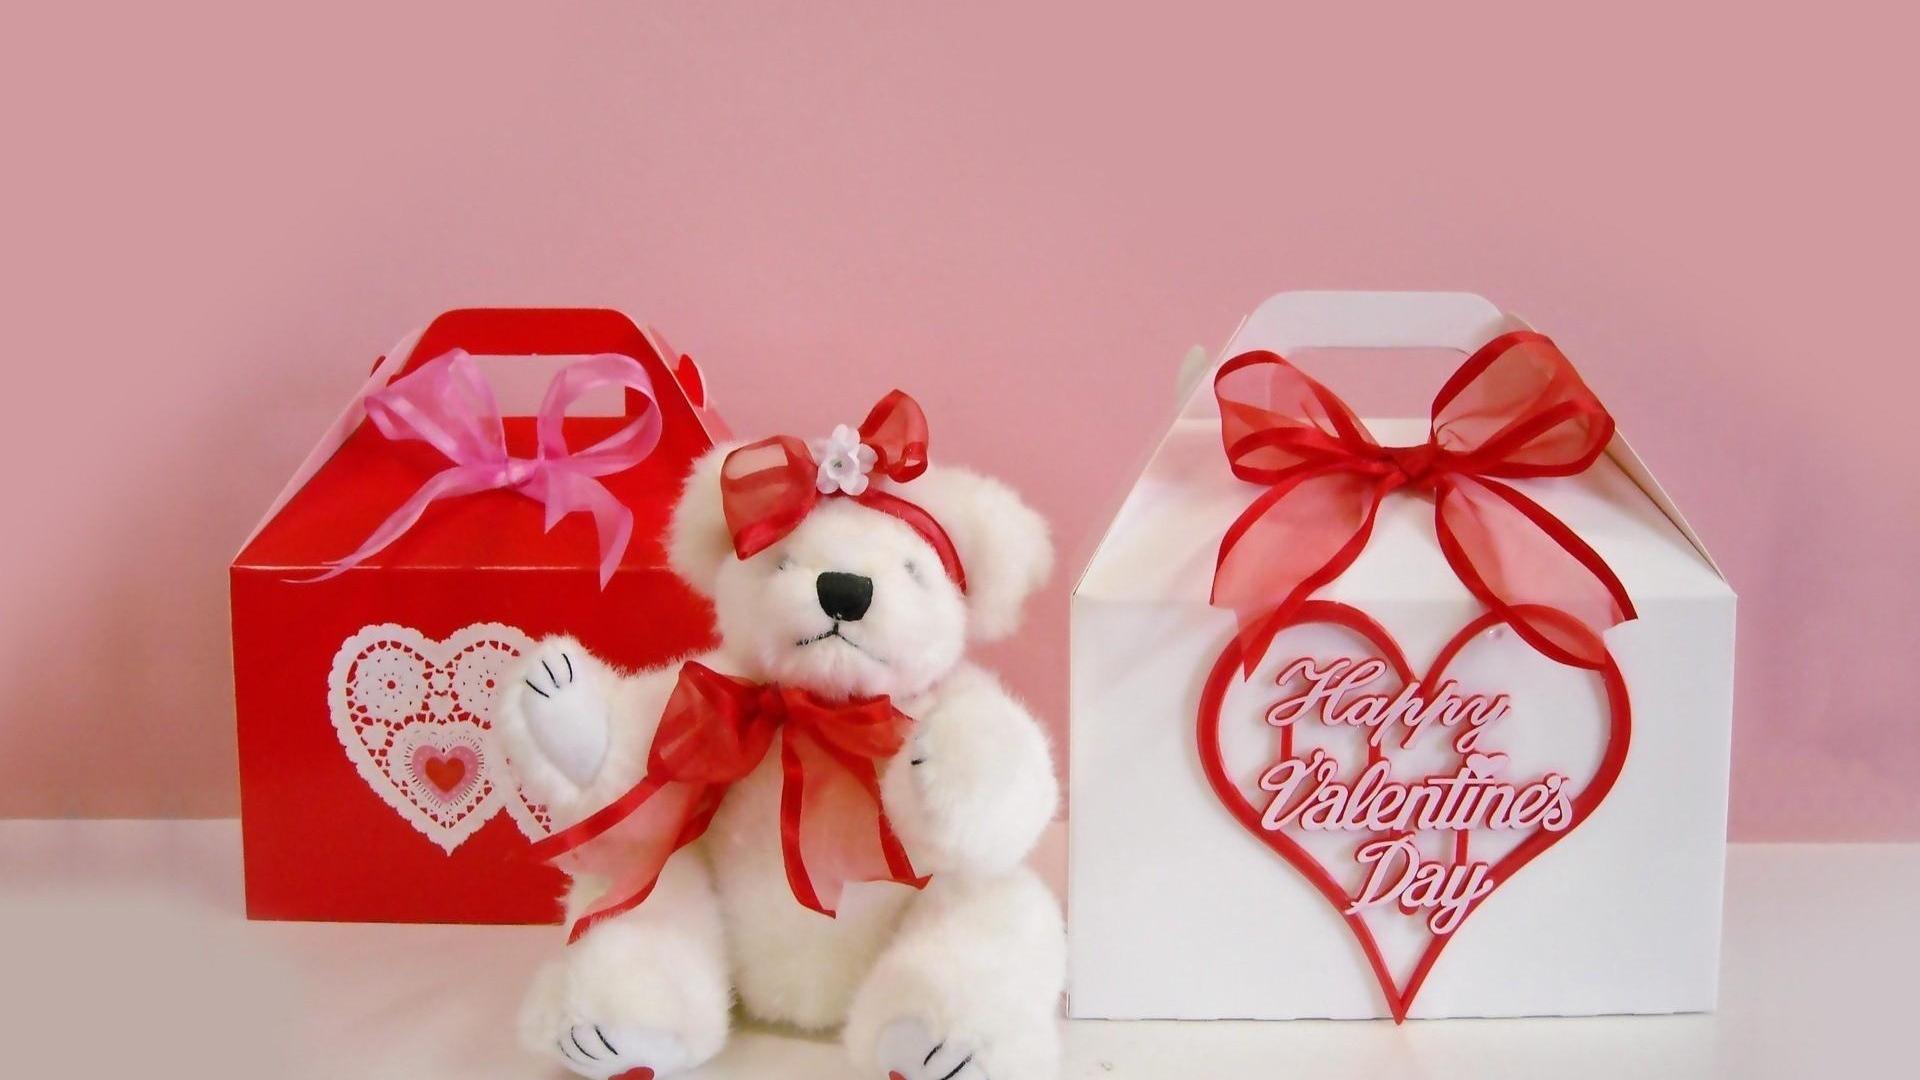 Открытки и подарки для любимого 2014 в хорошем качестве, для коллажа месяцев